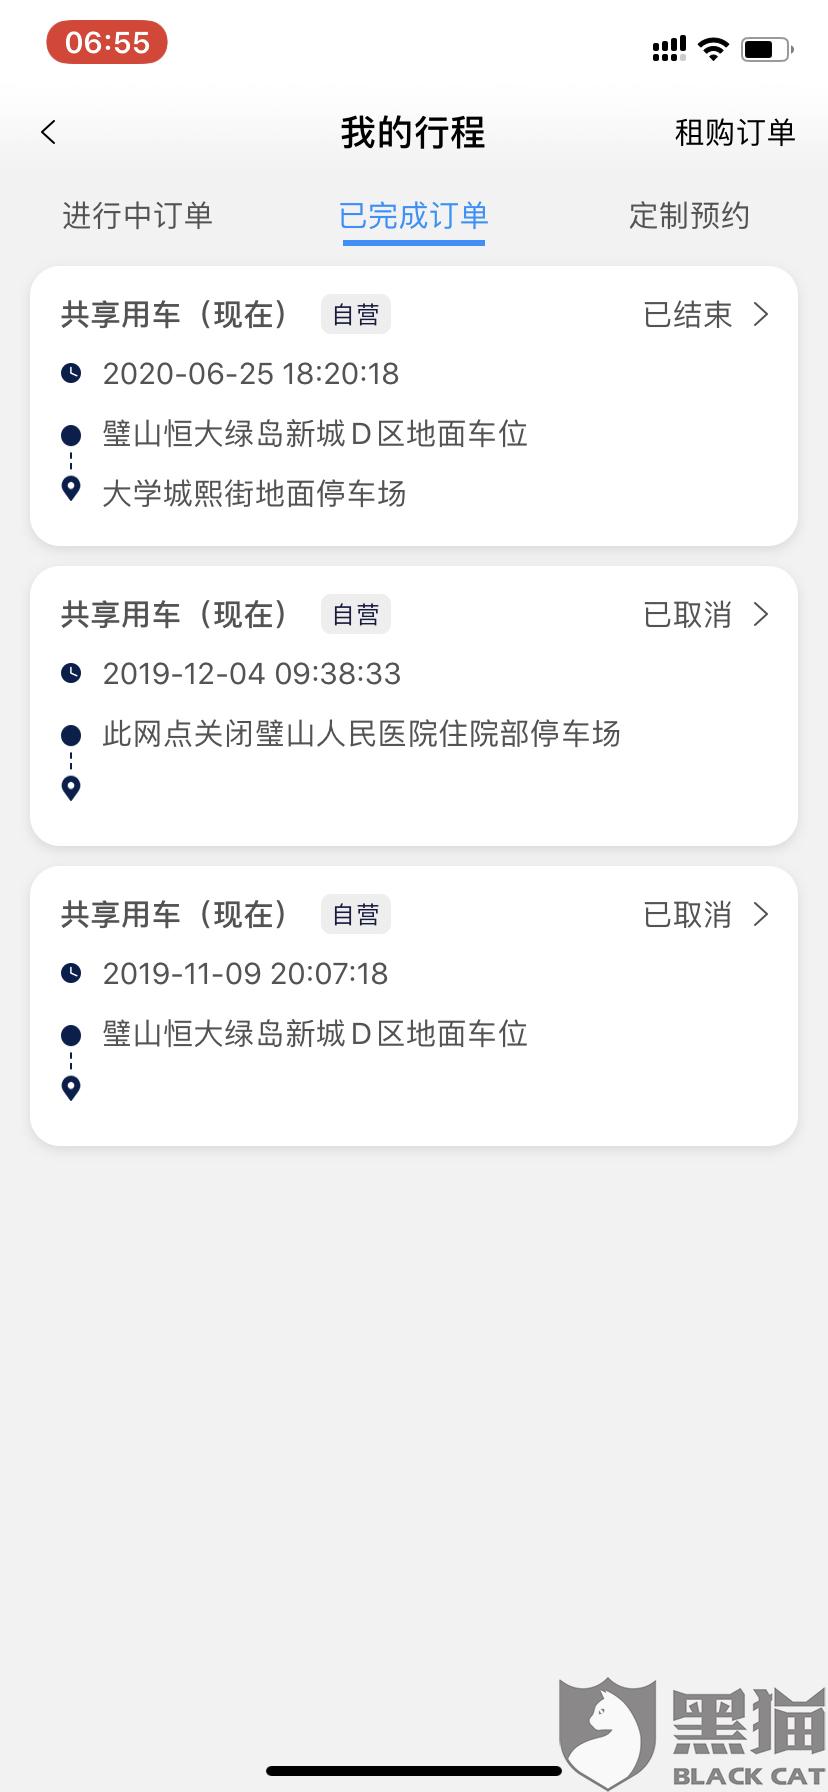 黑猫投诉:联动云租车已完成订单芝麻信用却在服务中